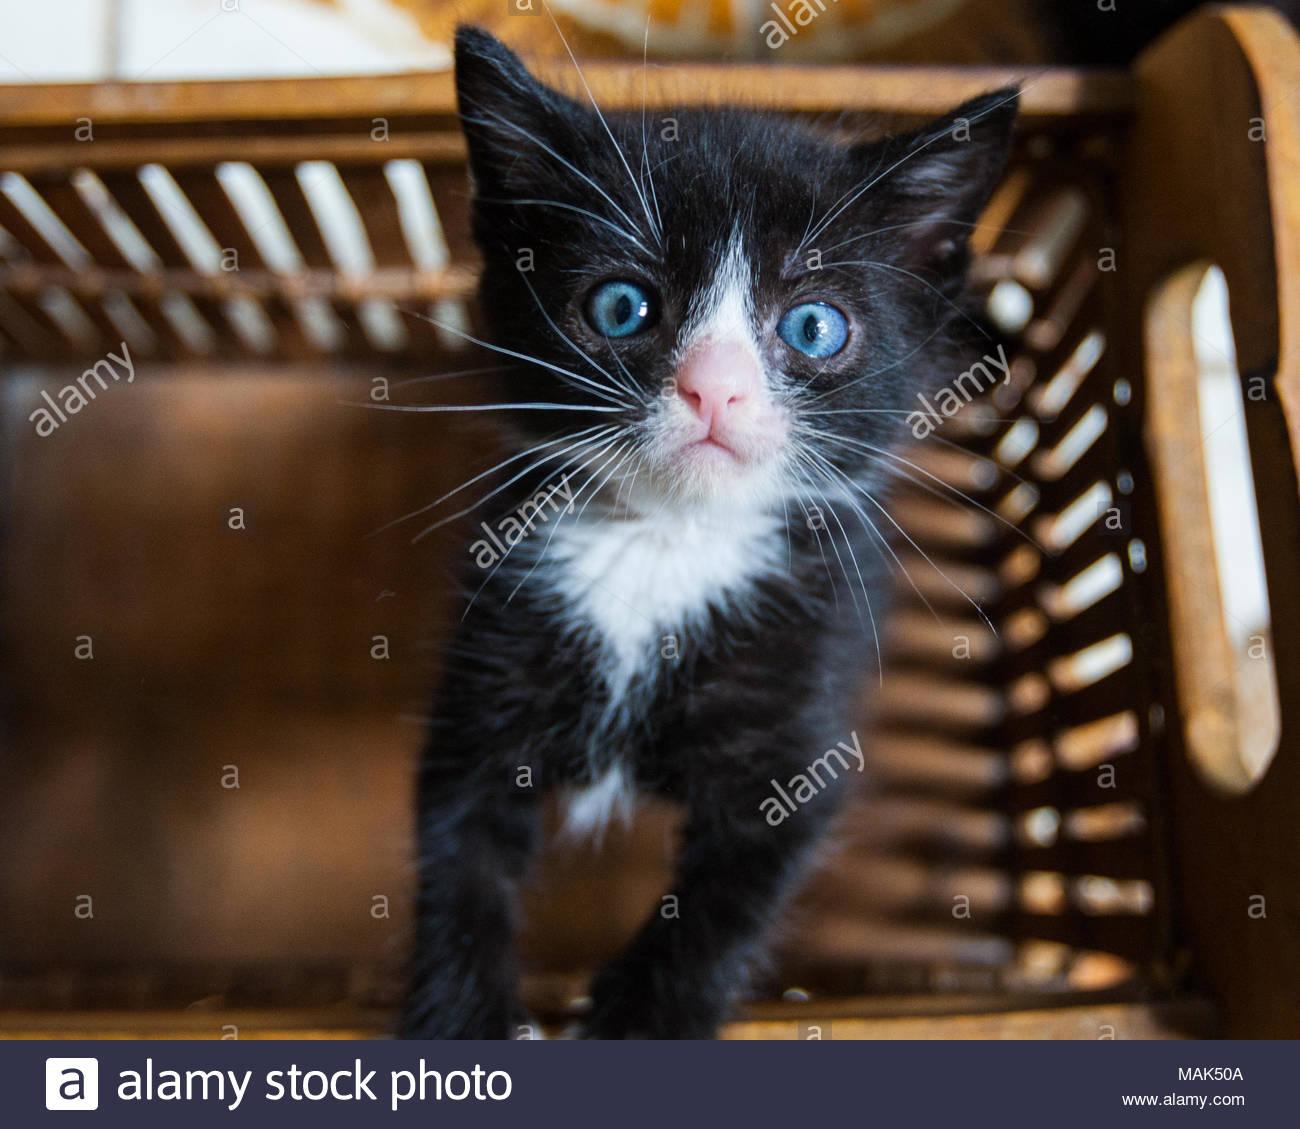 Süße schwarze und weiße Tuxedo Katze mit blauen Augen blickte von einem Korb Stockbild